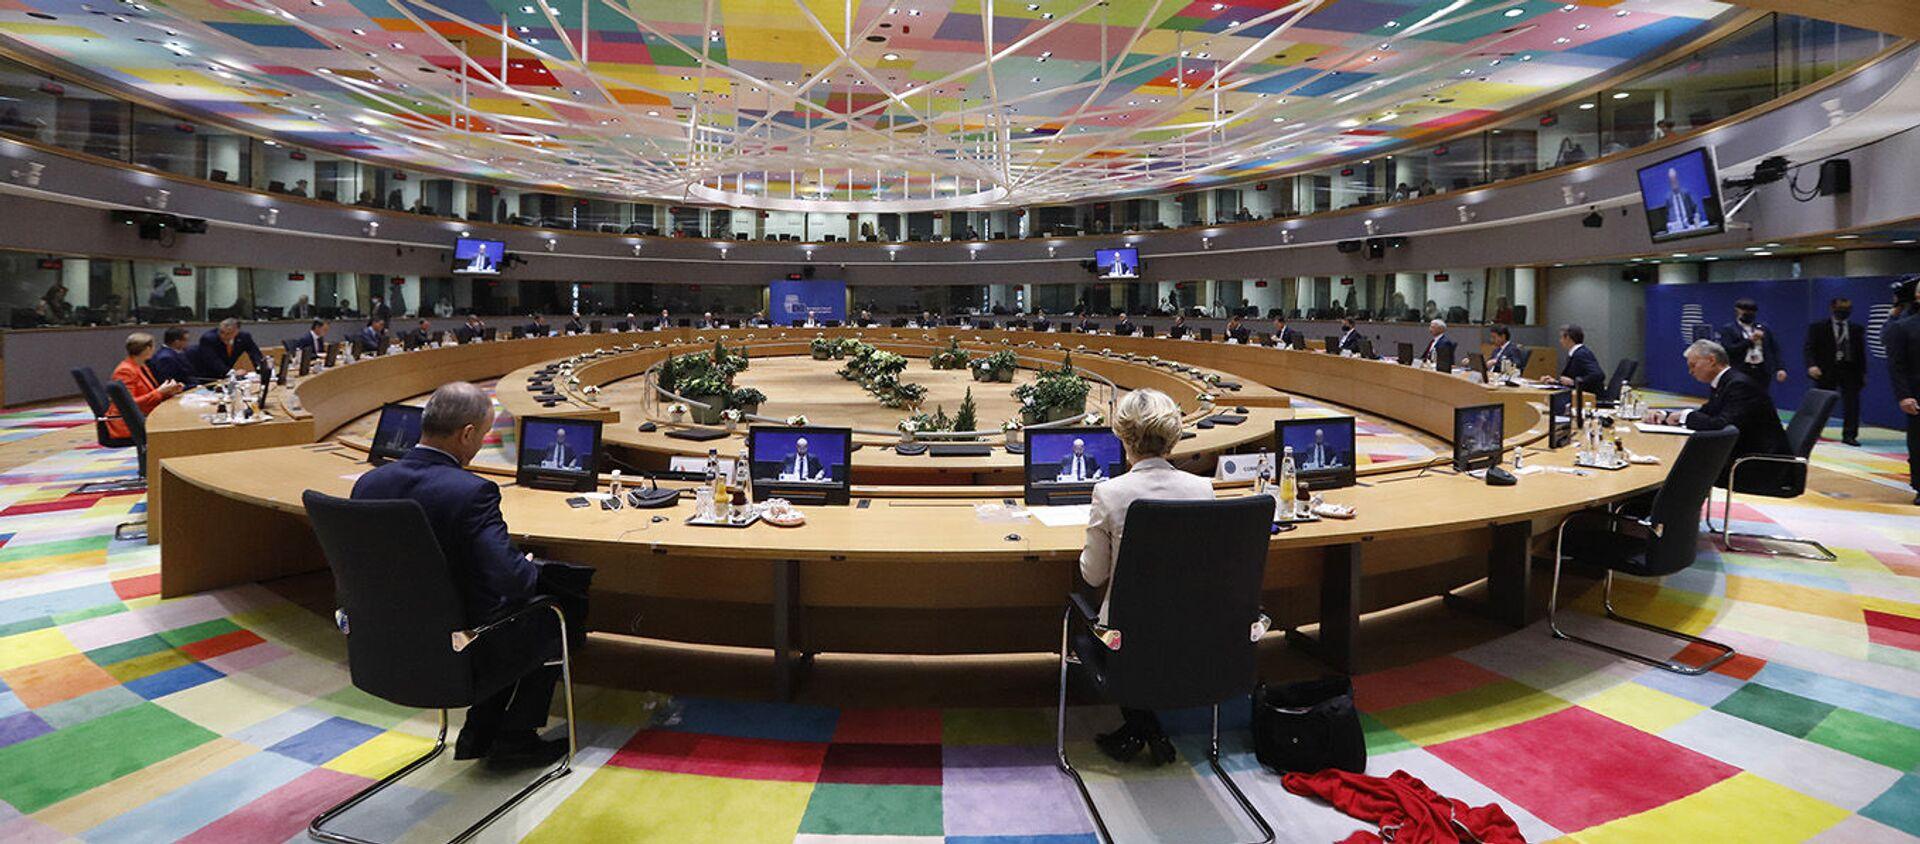 Consiglio Europeo 10-11 dicembre - Sputnik Italia, 1920, 10.12.2020